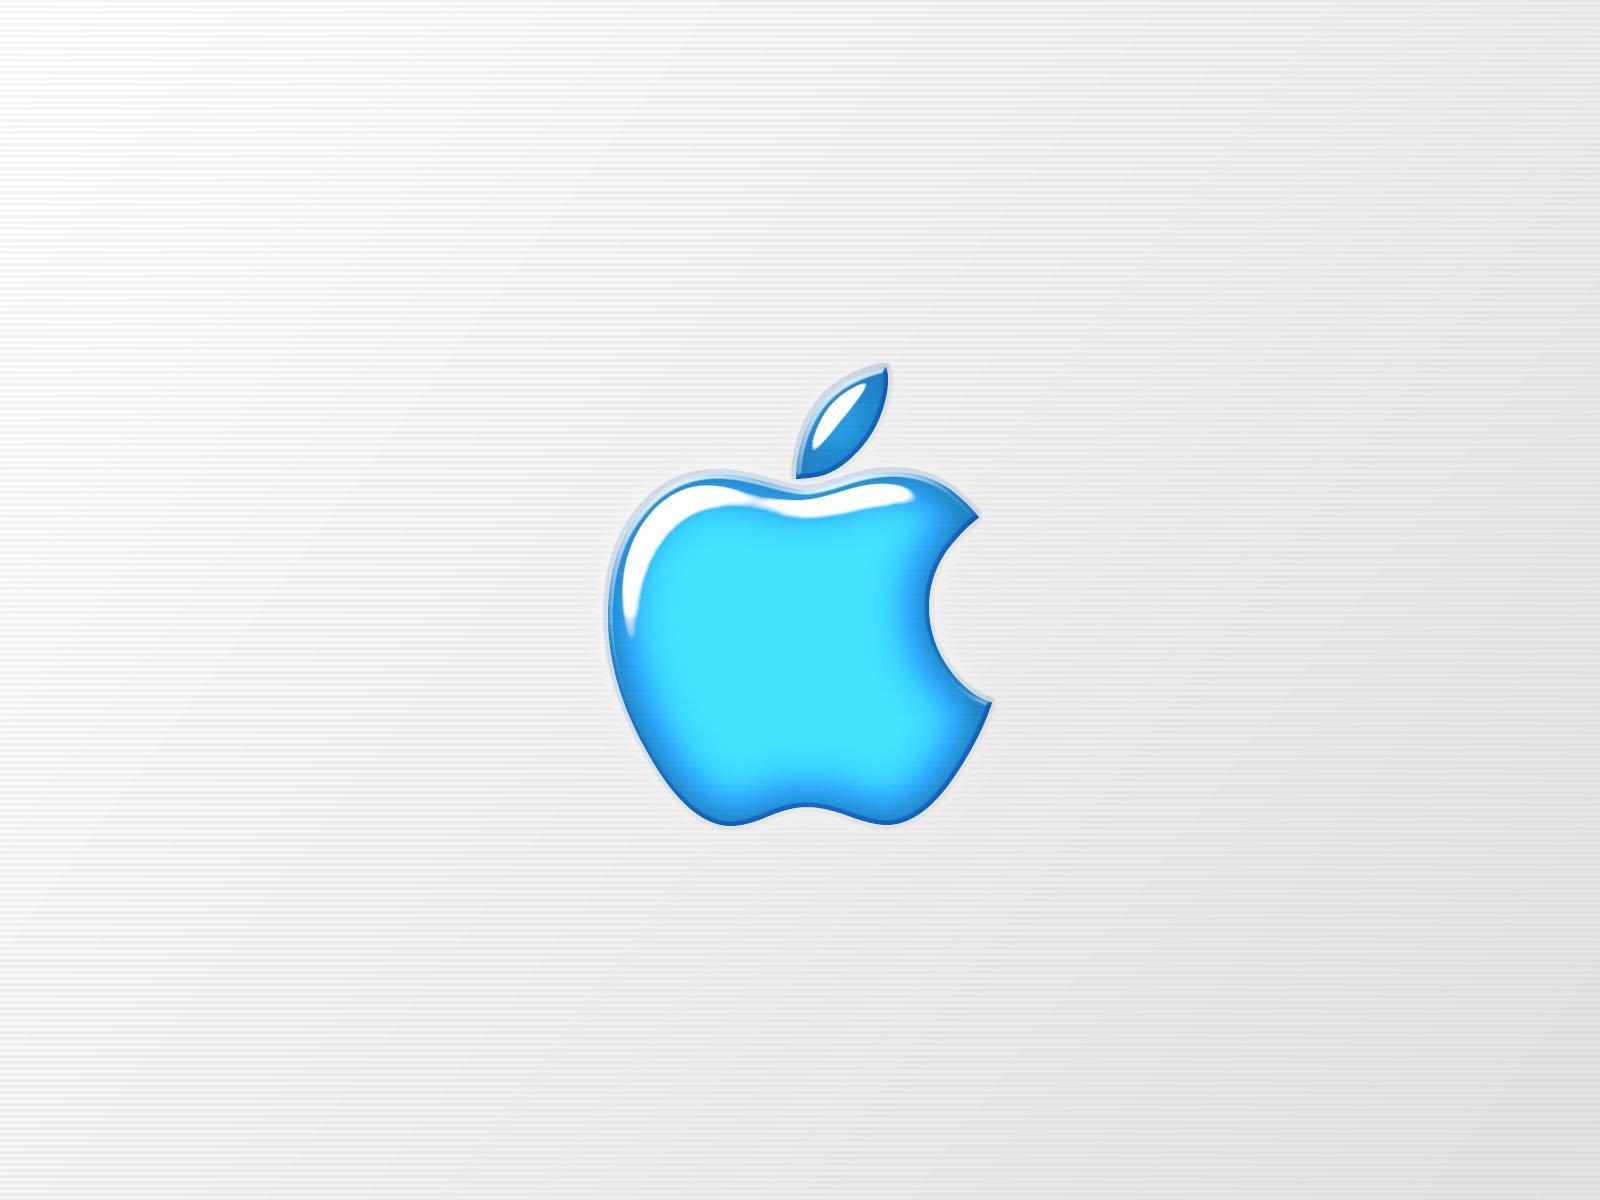 [Mac] MacにNode.jsをイントールしてnpmを実行できるようにする